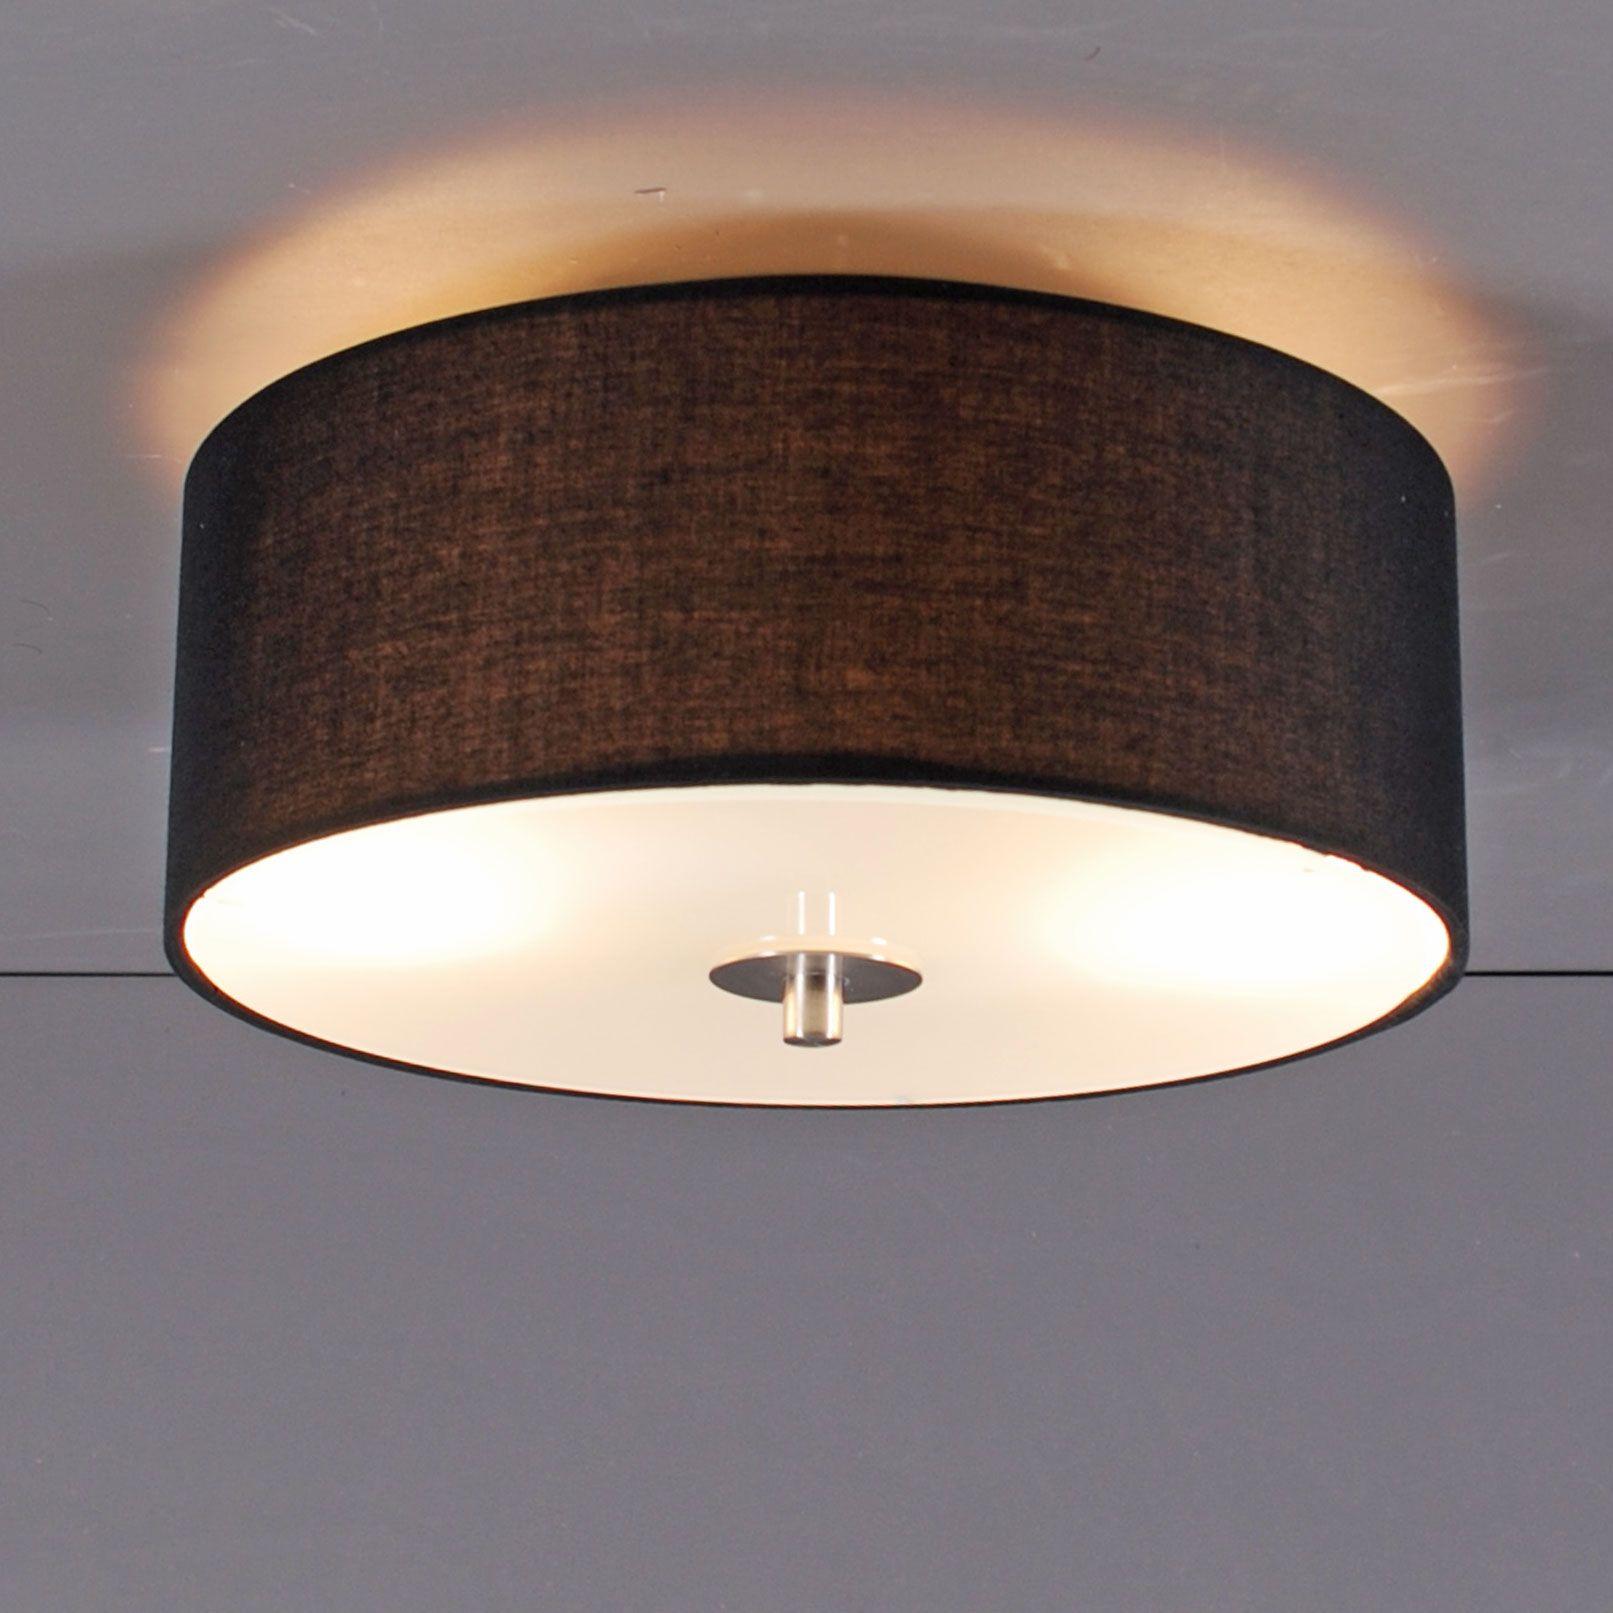 lamp slaapkamer | idéiasore | Pinterest | Bedrooms and Master bedroom